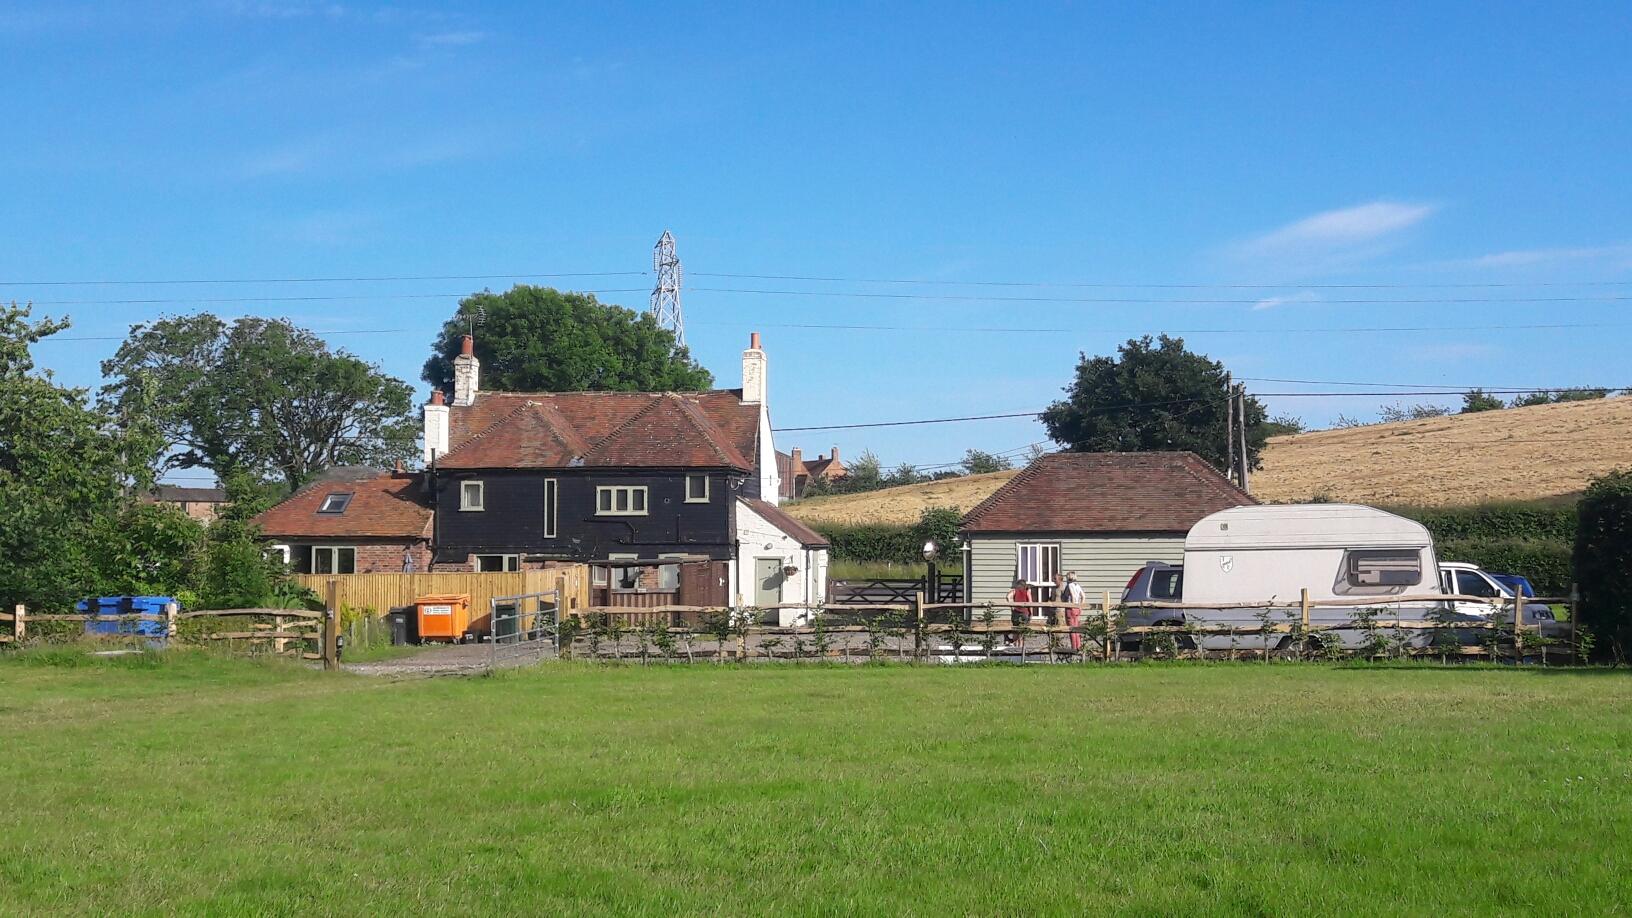 Bauernhof mit Campingplatz in Peasmarsh, speziell auch für Hundefreunde